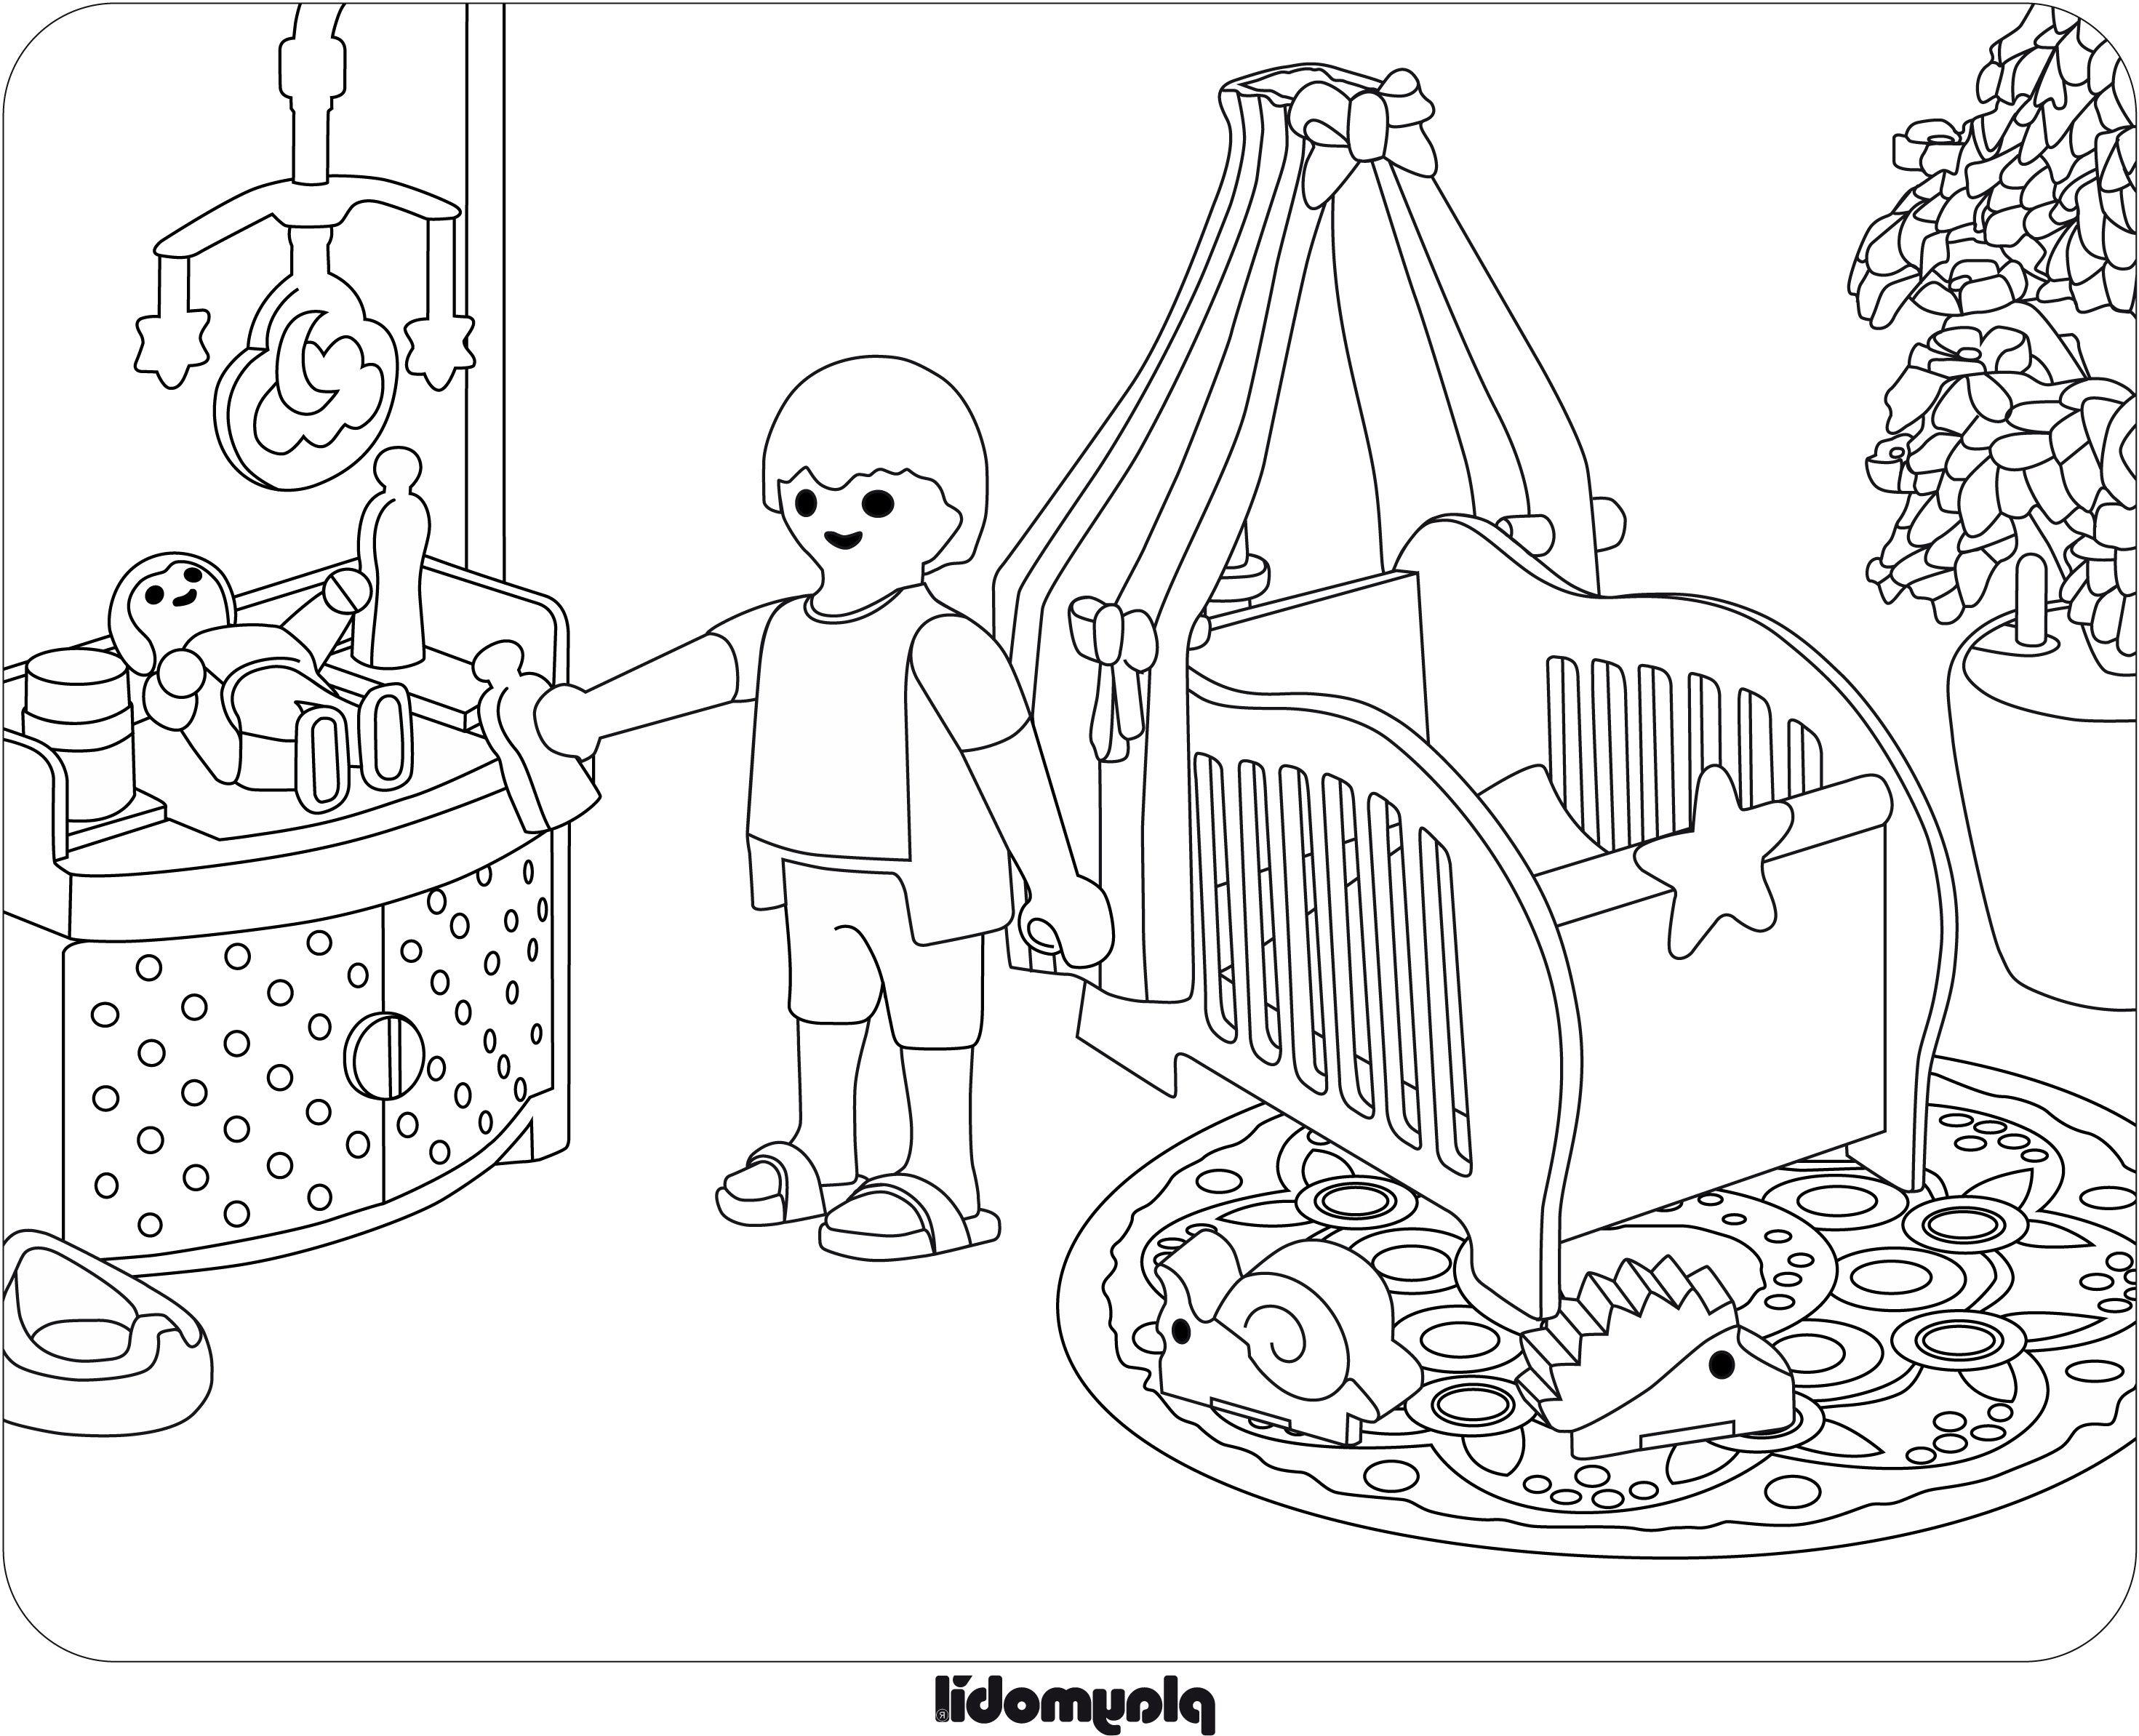 29 Luxe De Coloriage De Playmobil Photos  Art, Humanoid sketch